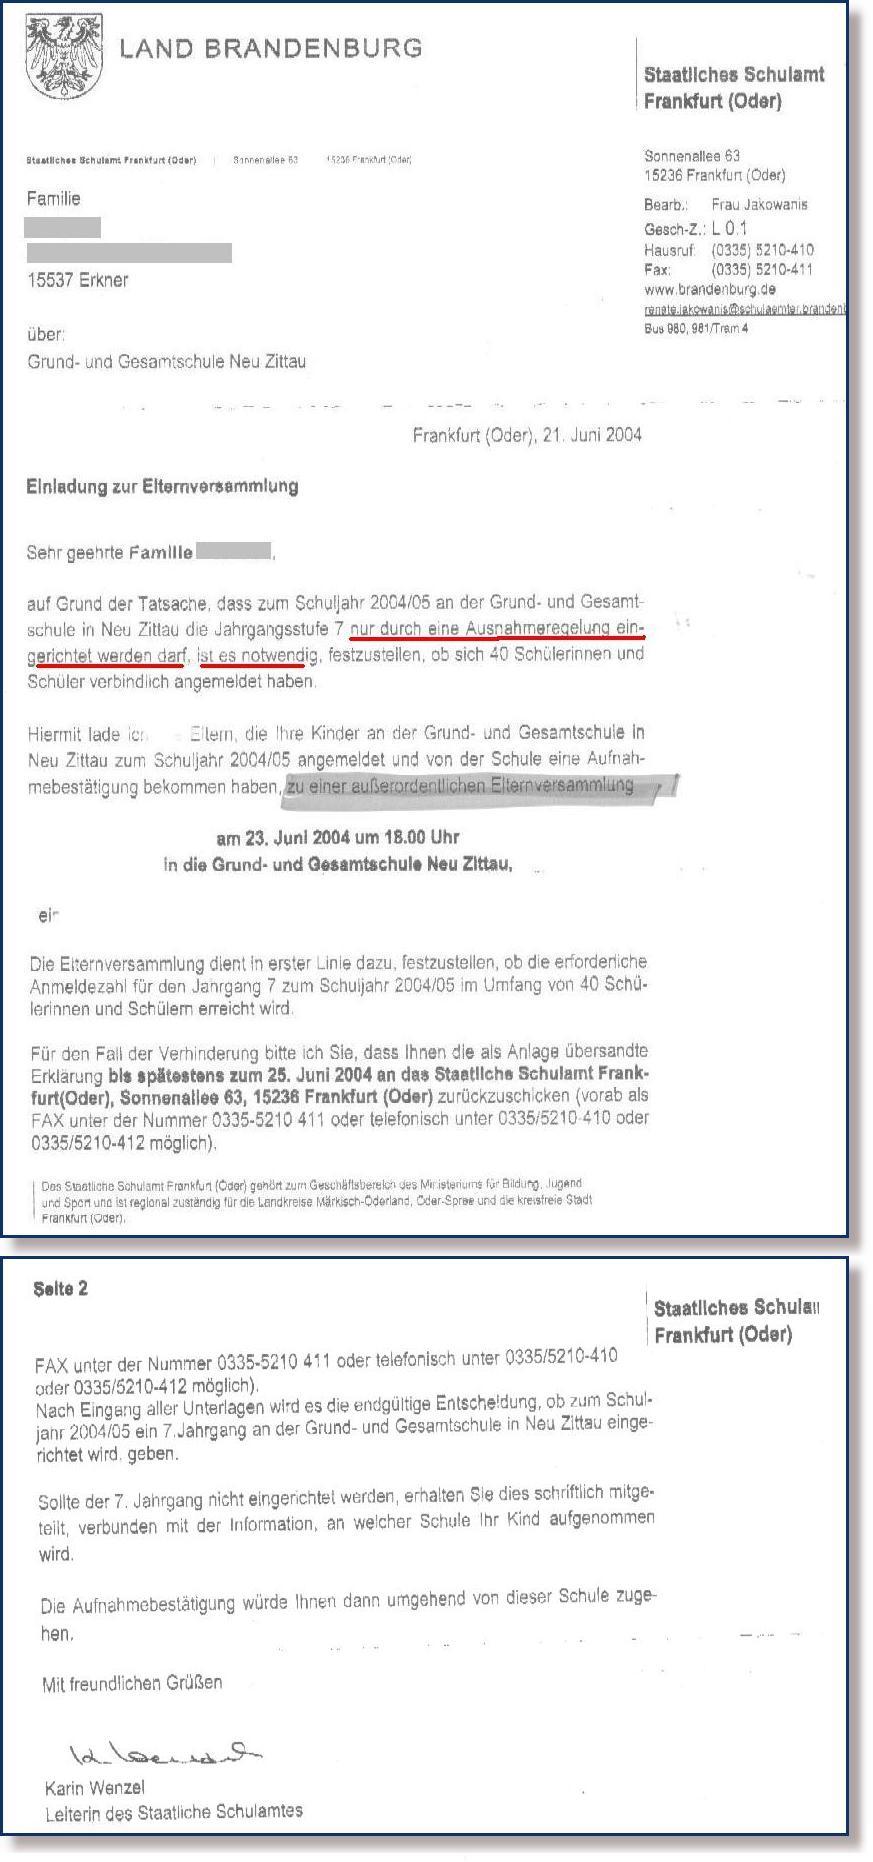 staatschulamt20040621, Einladung